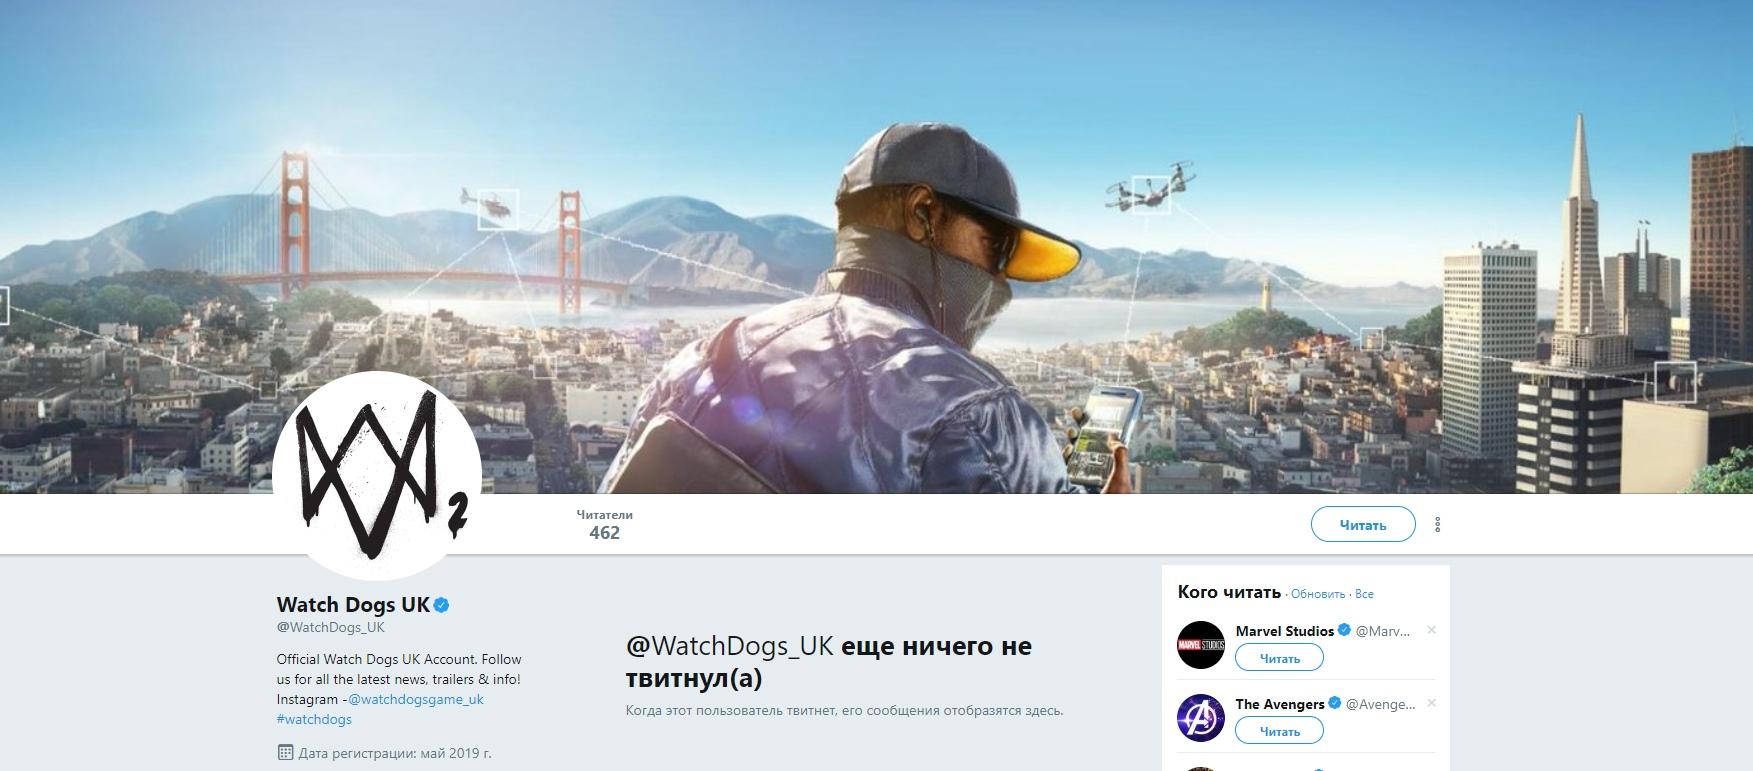 Анонс Watch Dogs 3 состоится в мае. Игра выйдет в ноябре